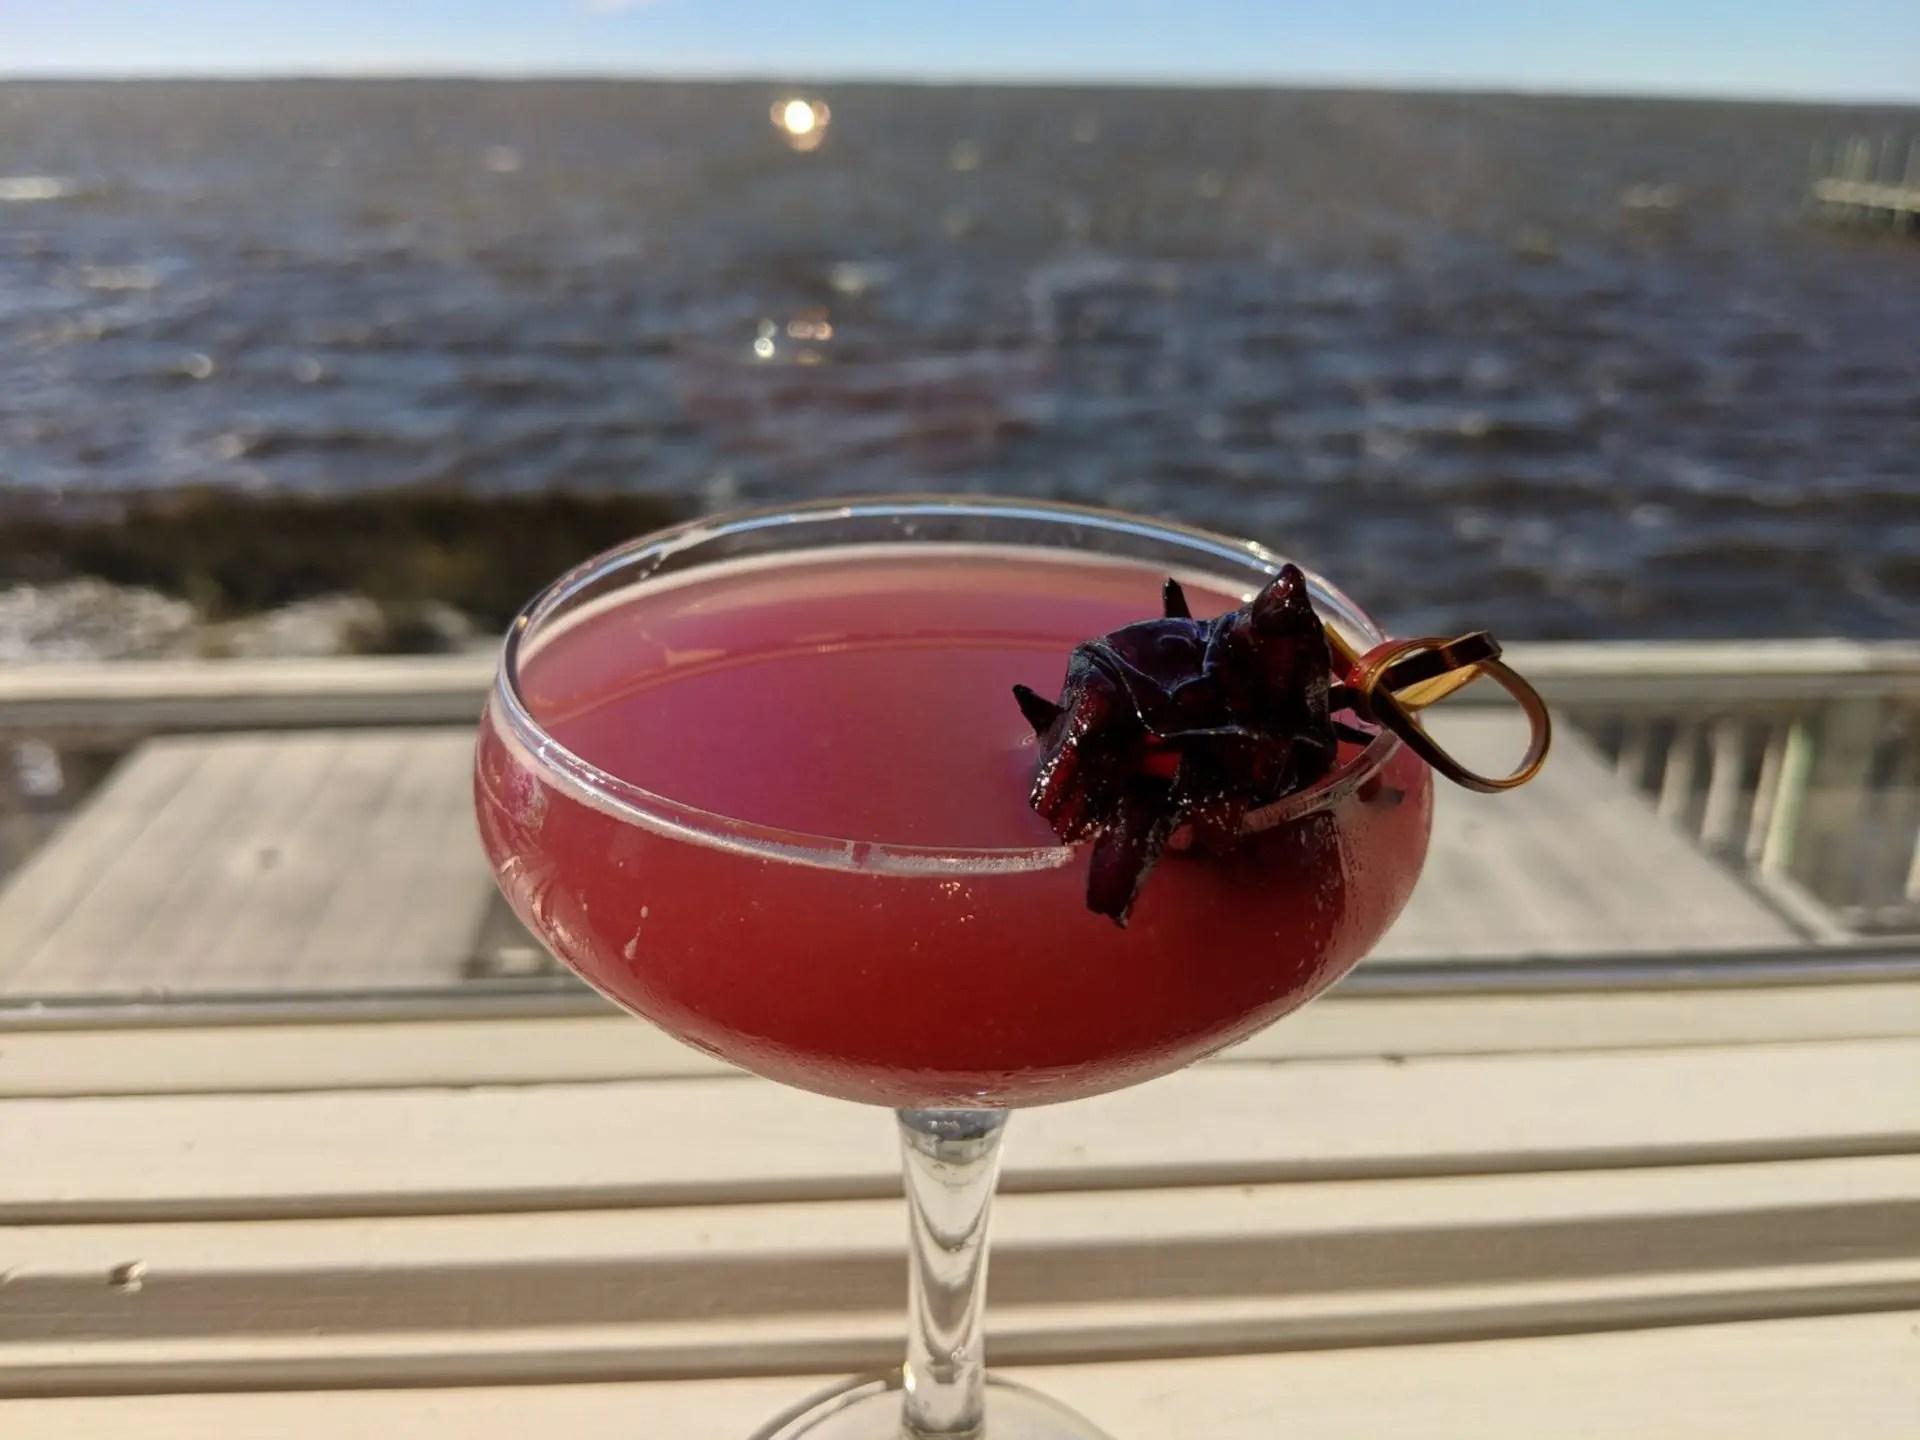 Blueberry vodka and an antioxidant blend